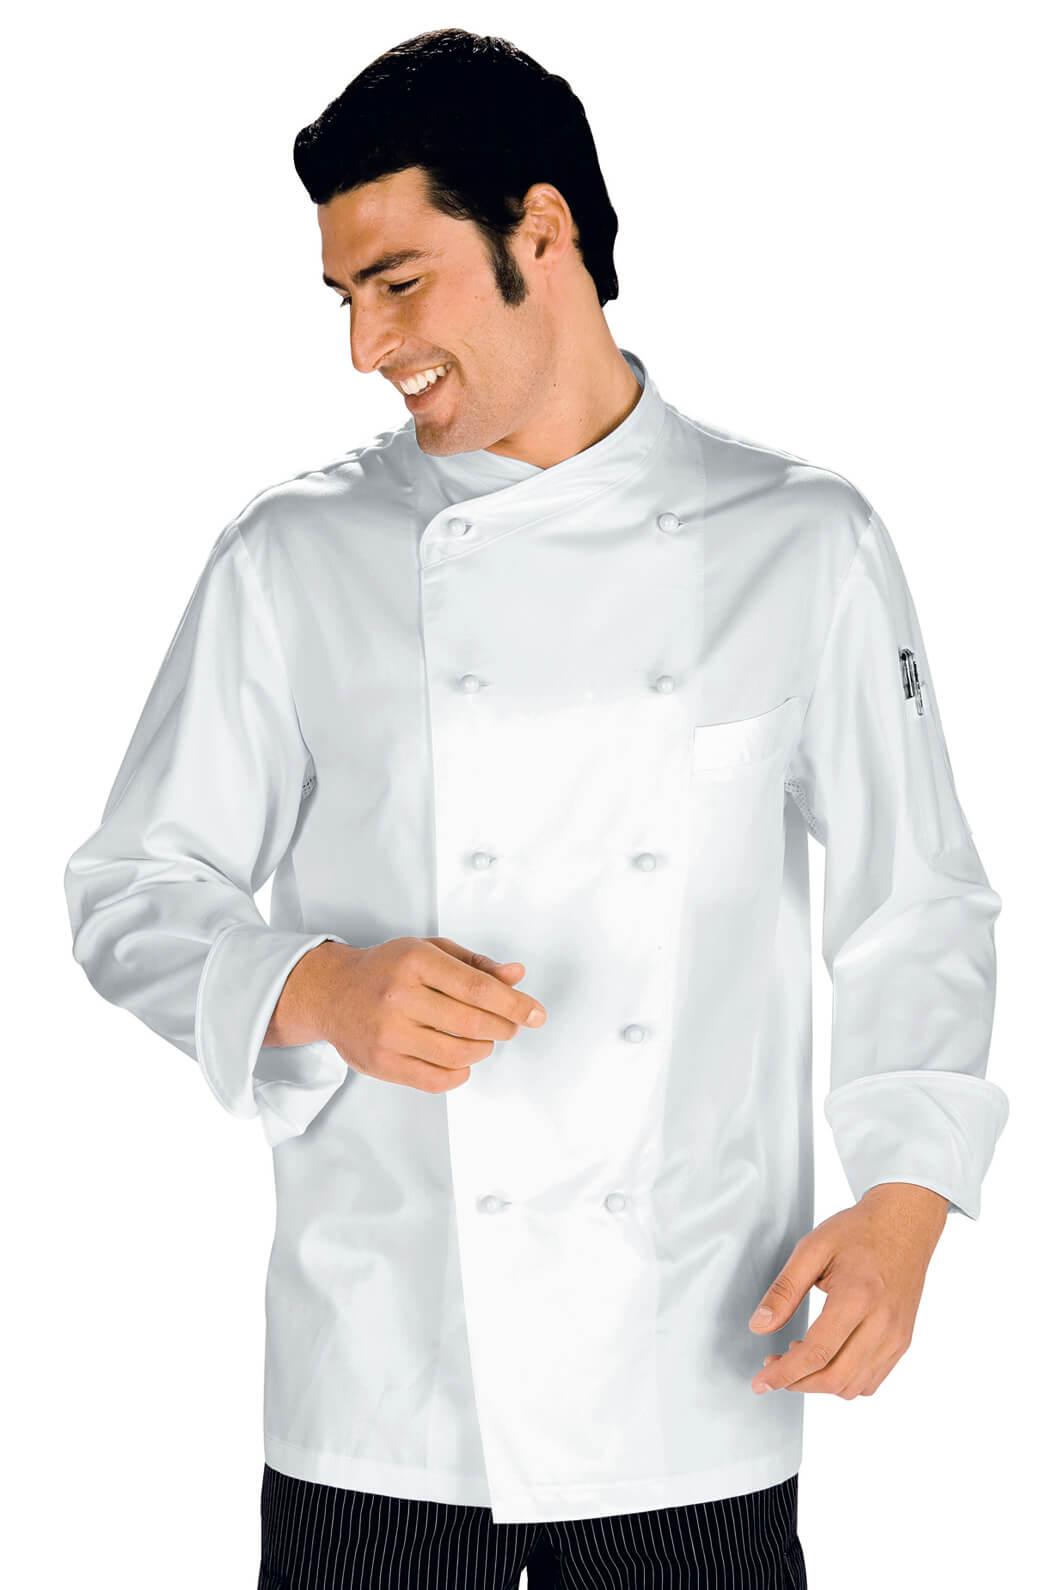 Veste chef cuisinier monaco blanc 100 coton for Cuisinier particulier